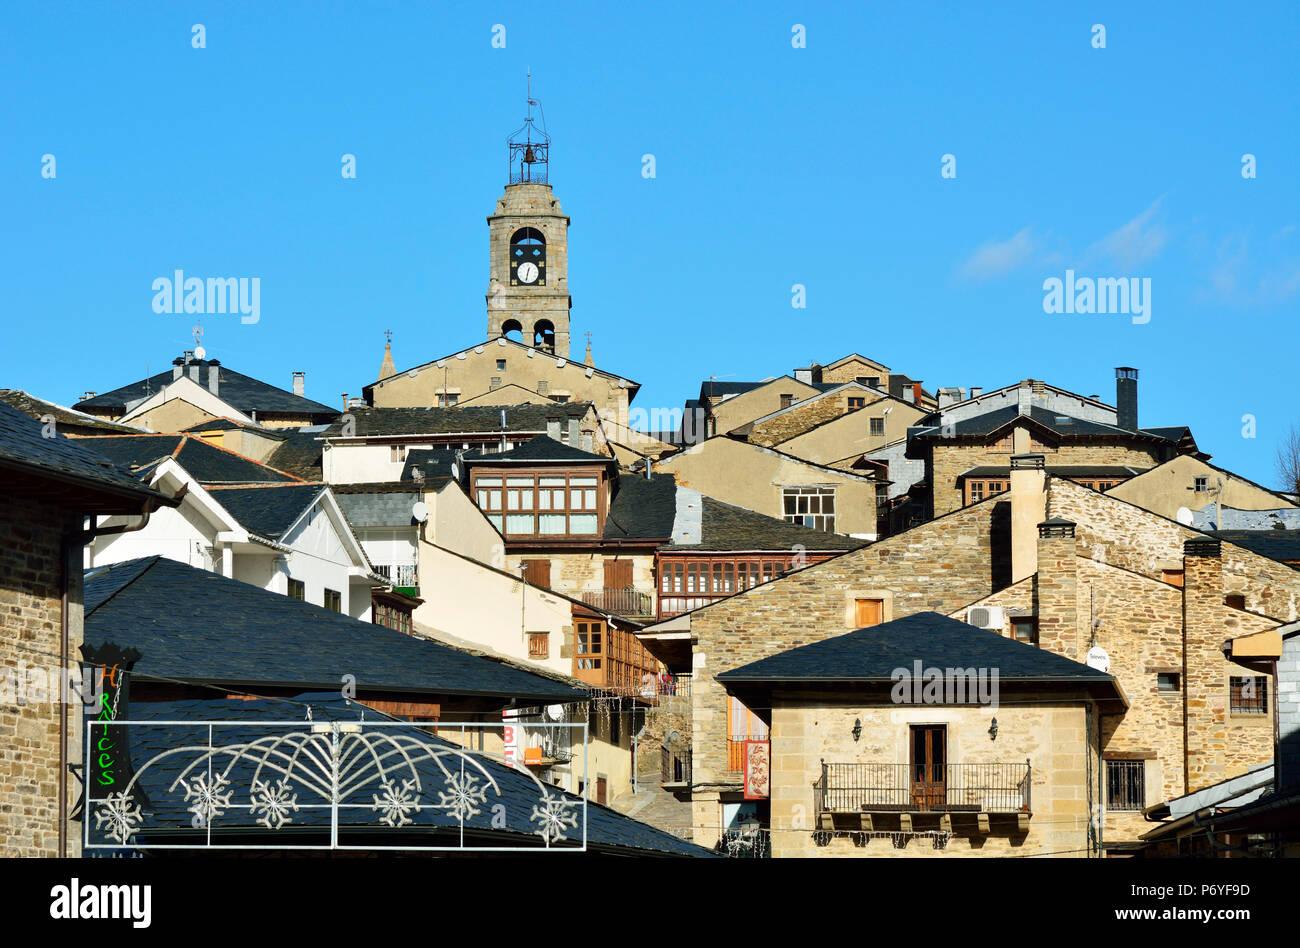 The medieval village of Puebla de Sanabria. Castilla y Leon, Spain - Stock Image